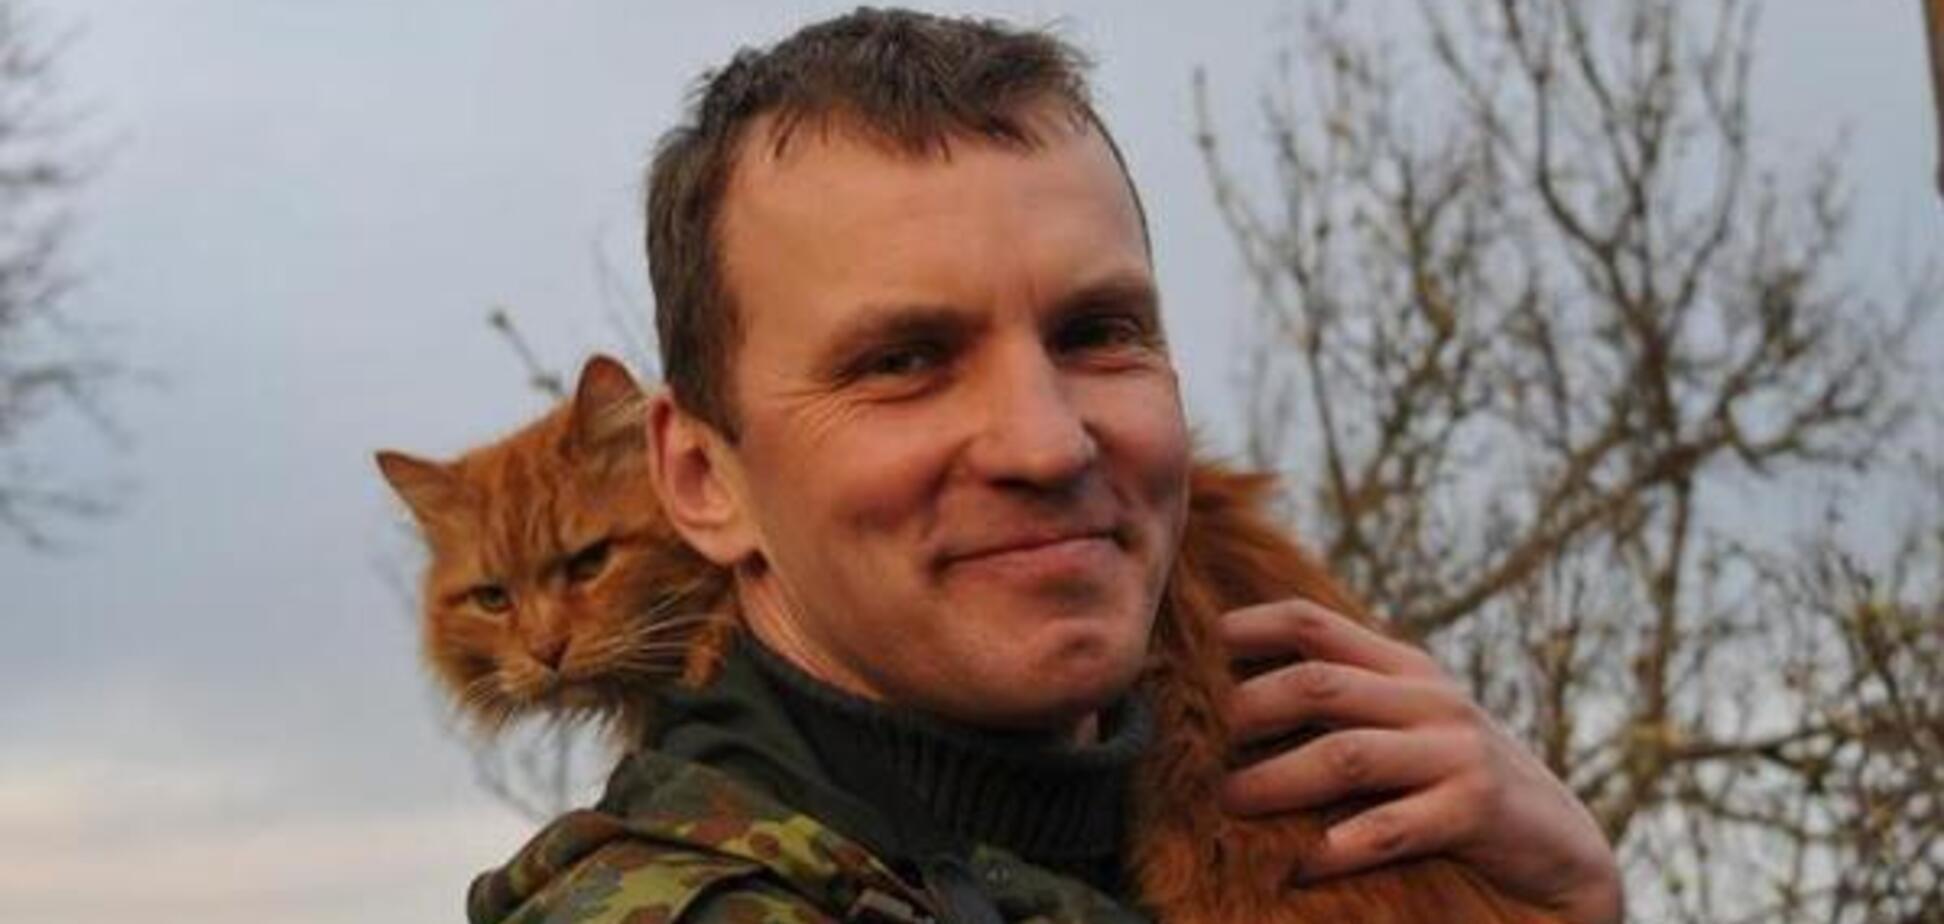 Задержанного в Польше ветерана АТО Мазура вернули в Украину